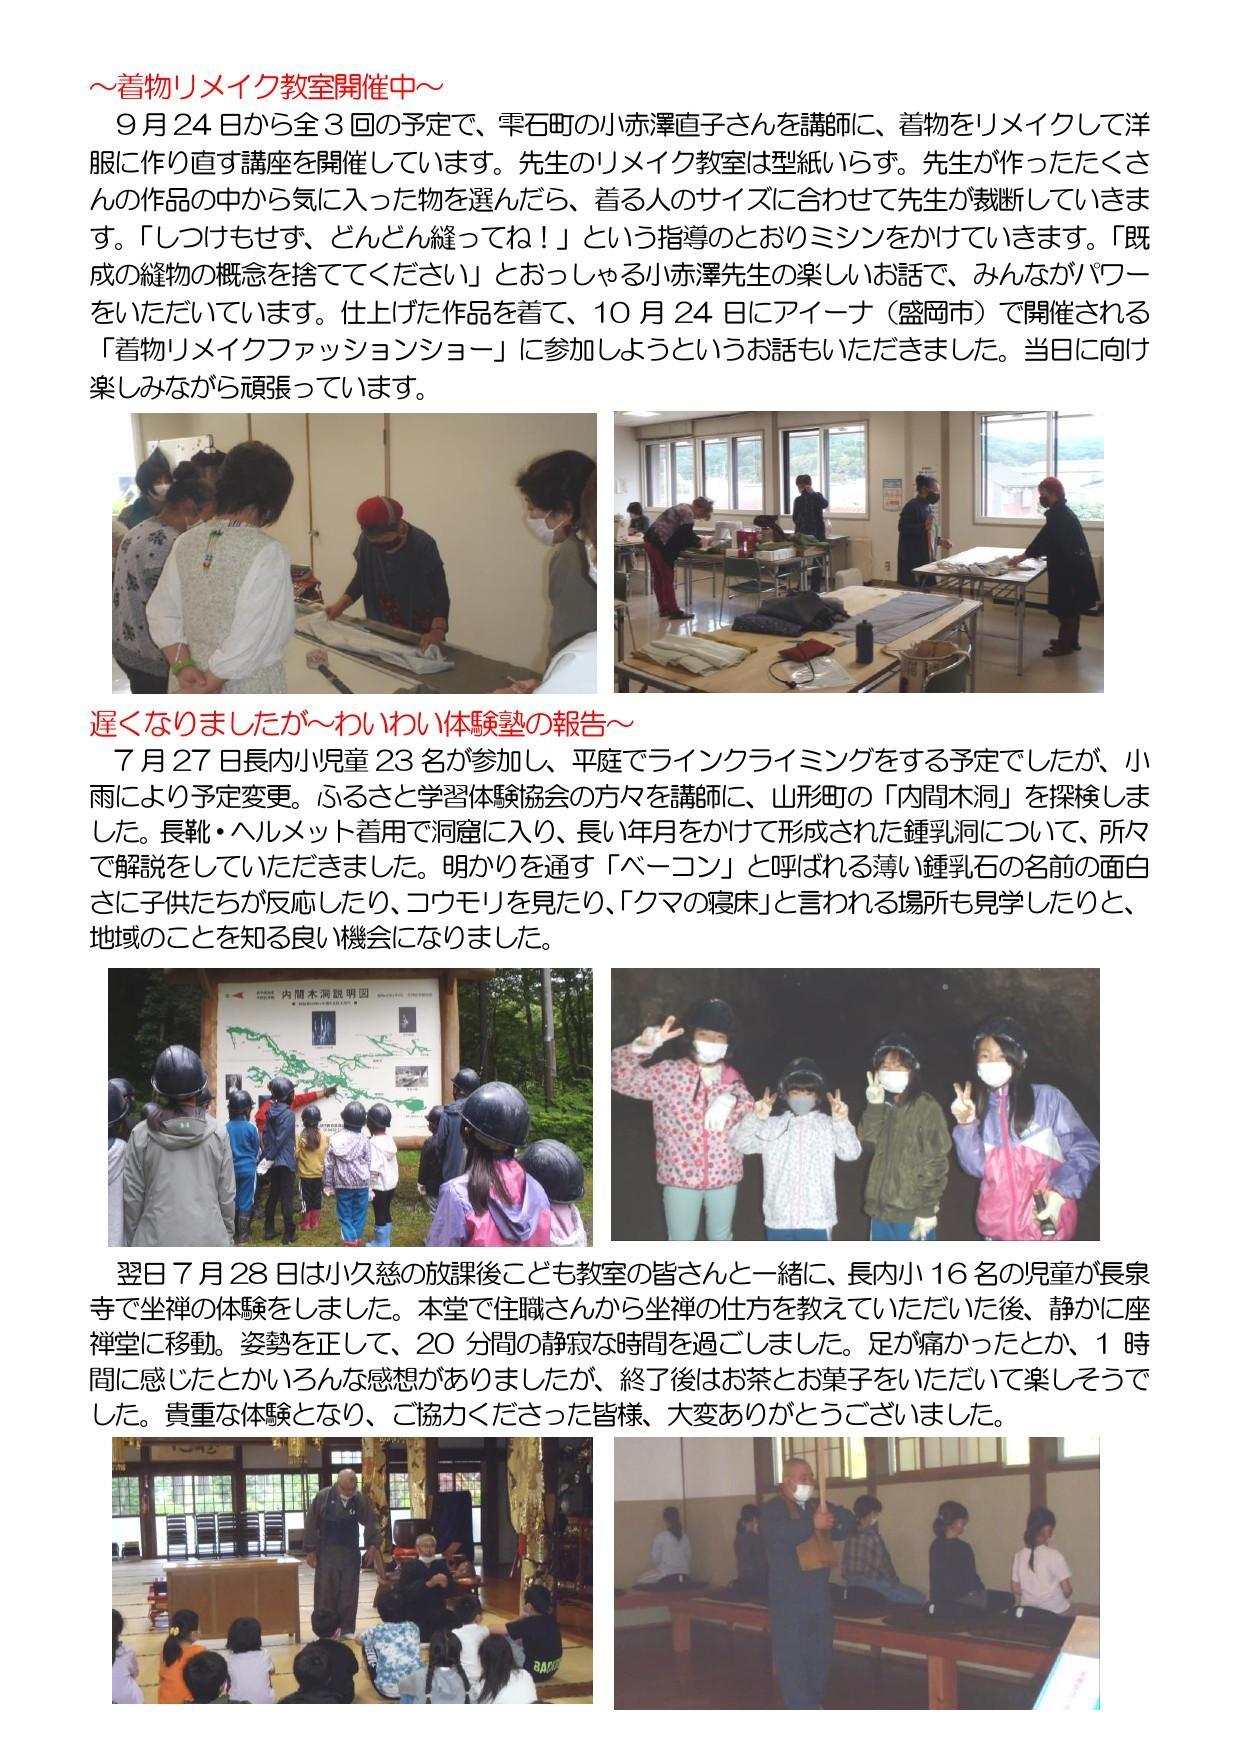 長内市民センターだより(10月15日号)2ページ